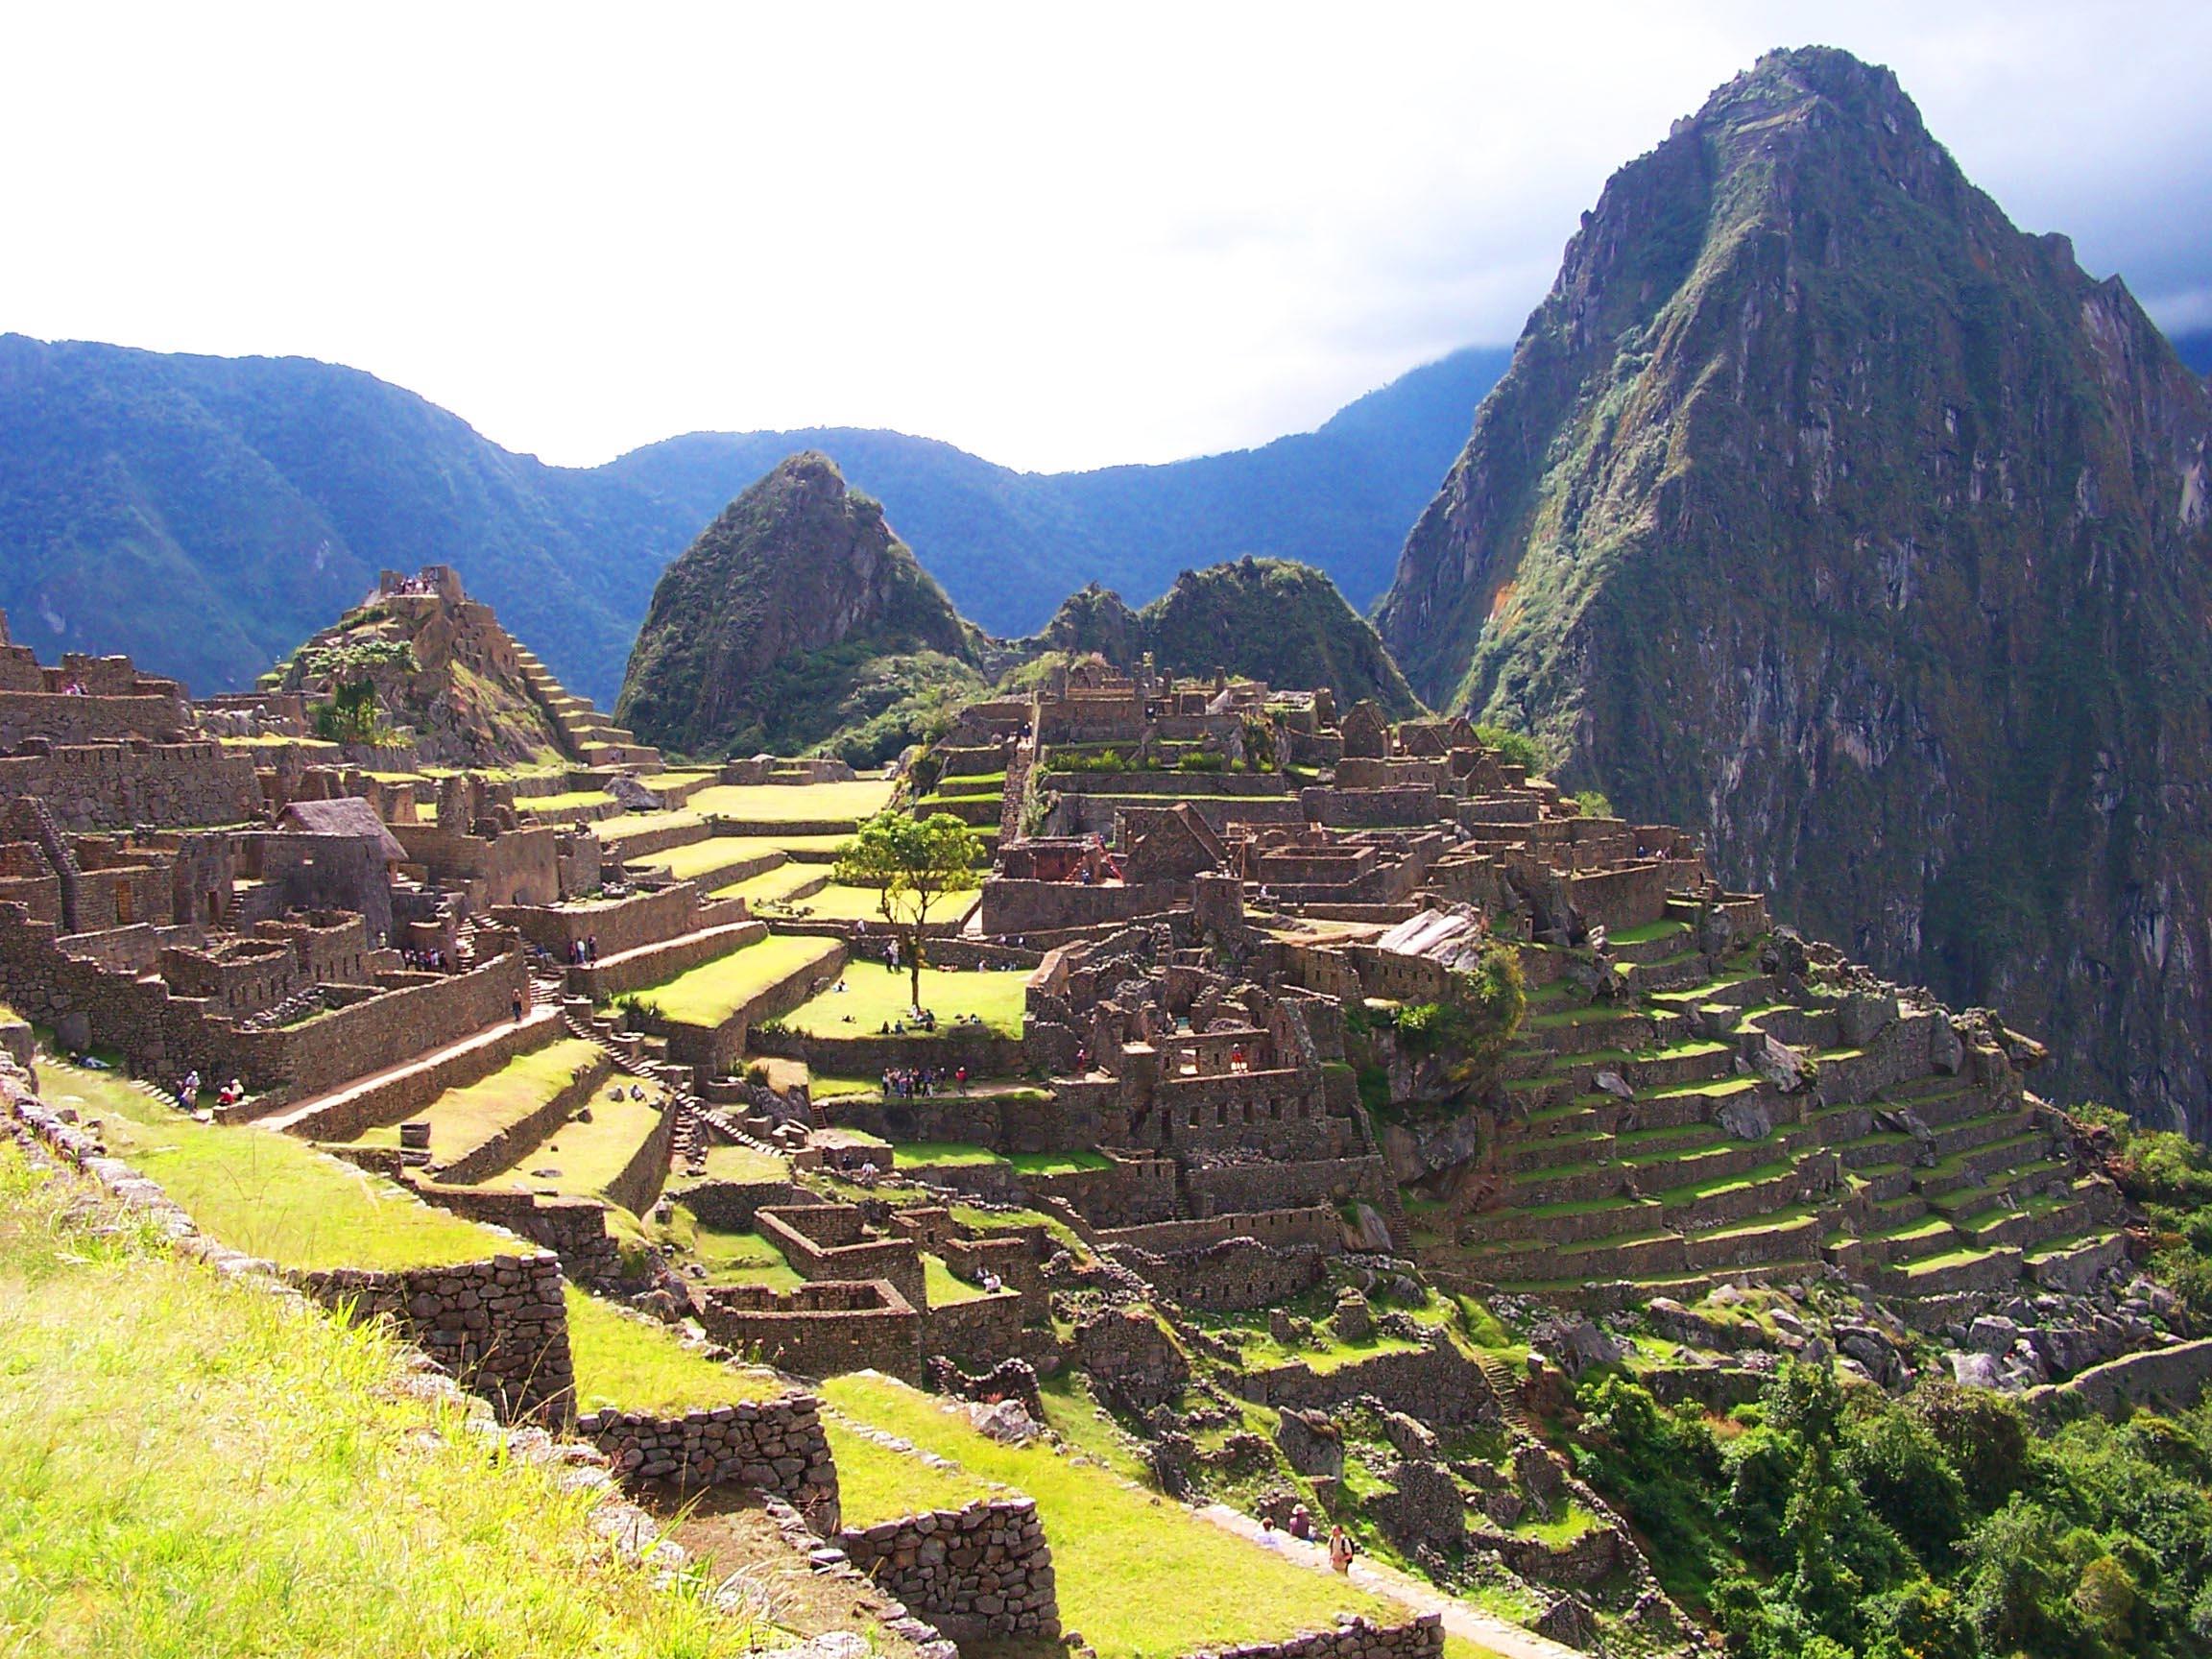 Machu Picchu Experience (Hiram Bingham train) - Independent 4